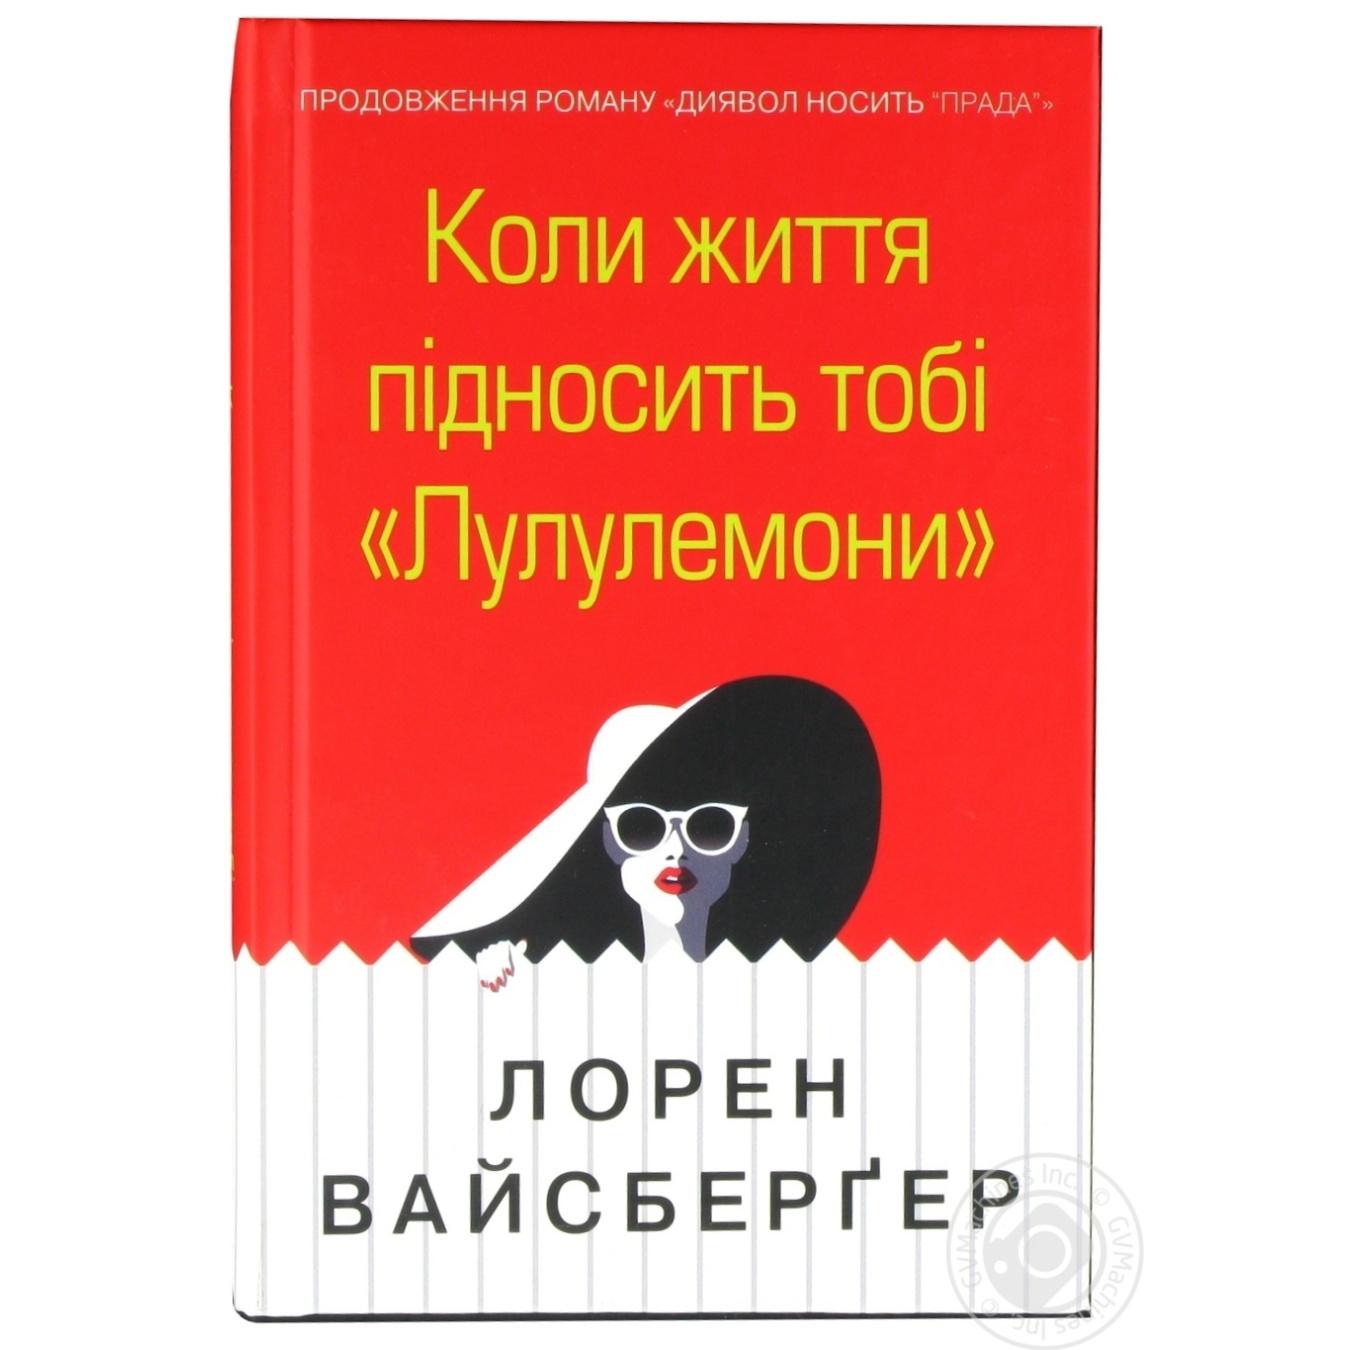 Купить 784, Книга Коли життя підносить тобі Лулулемони